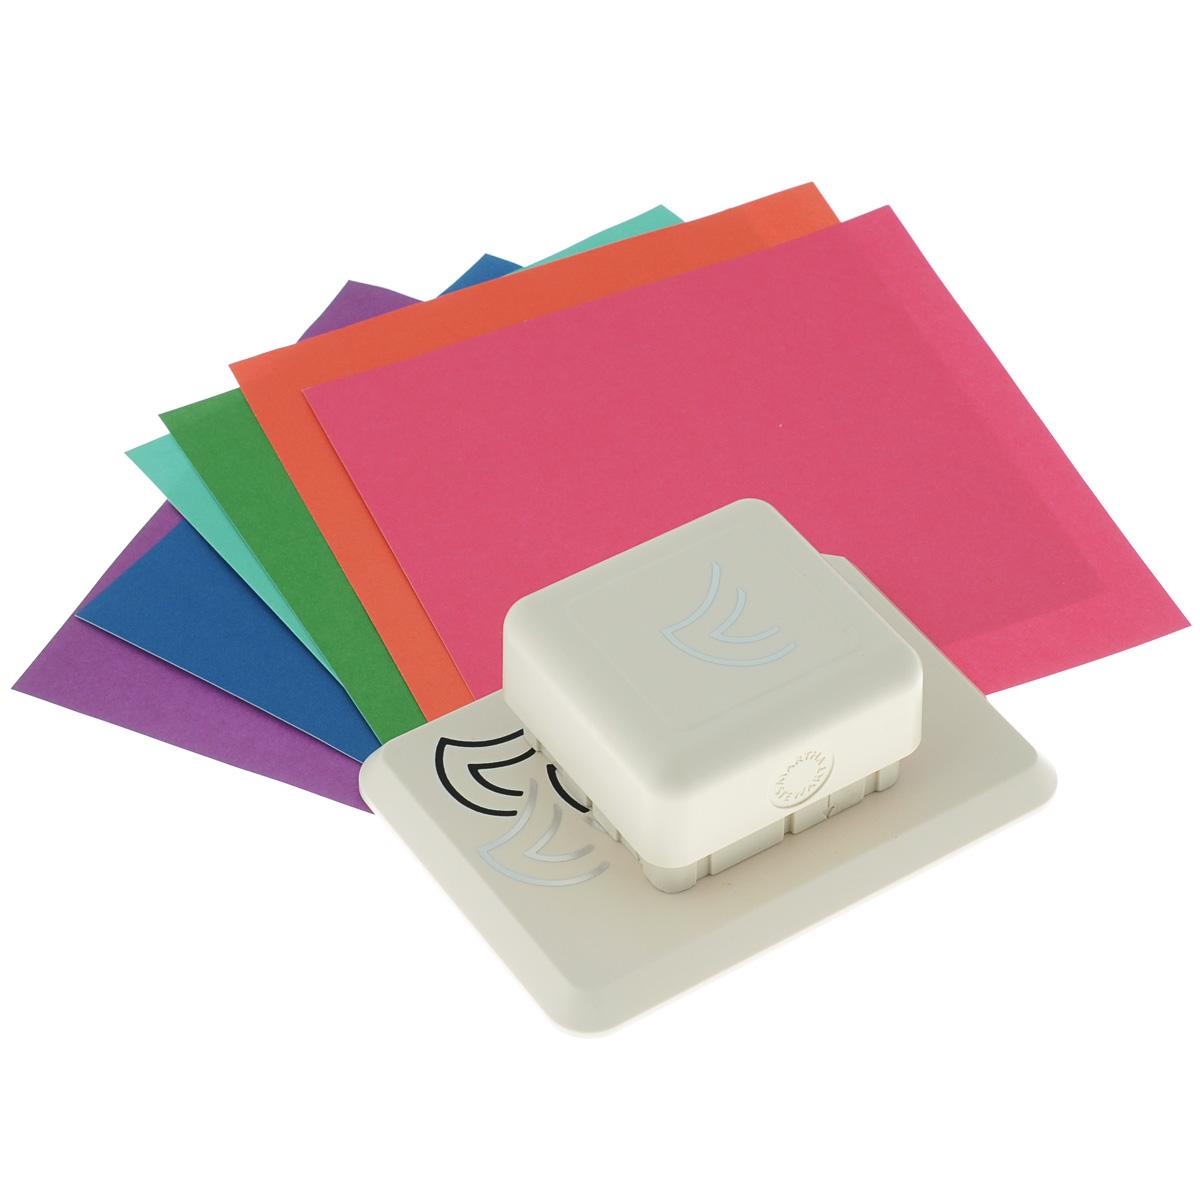 Фигурный дырокол Martha Stewart Георгин для создания объемных украшенийEKS-42-95003Фигурный дырокол Martha Stewart Георгин используется для создания объемных украшений в скрапбукинге для оформления подарков, при создании открыток, скрап-страниц, украшении фотоальбомов. Фигурный дырокол имеет базу на магнитной основе - можно создать рисунок в любом месте бумаги. Инструмент состоит из основы и фигурного дырокола. На ходовой части дырокола с торцов нанесены направляющие стрелки. В комплекте также имеются 6 листов разноцветного картона и подробная инструкция на русском языке. Порядок работы: положите лист бумаги на основу, присоедините дырокол к основе до притяжения магнитов, сделайте вырубку, сдвиньте лист до совпадения вырубки с рисунком на основе, сделайте следующую вырубку. После вырубки всего дизайна отогните вырубленные части и загните их под края предыдущих секций. Виды вырубки: круг 9 см, круг 15 см, вырубка по прямой. Сделайте подложку для листа с вырубкой для наибольшего эффекта.